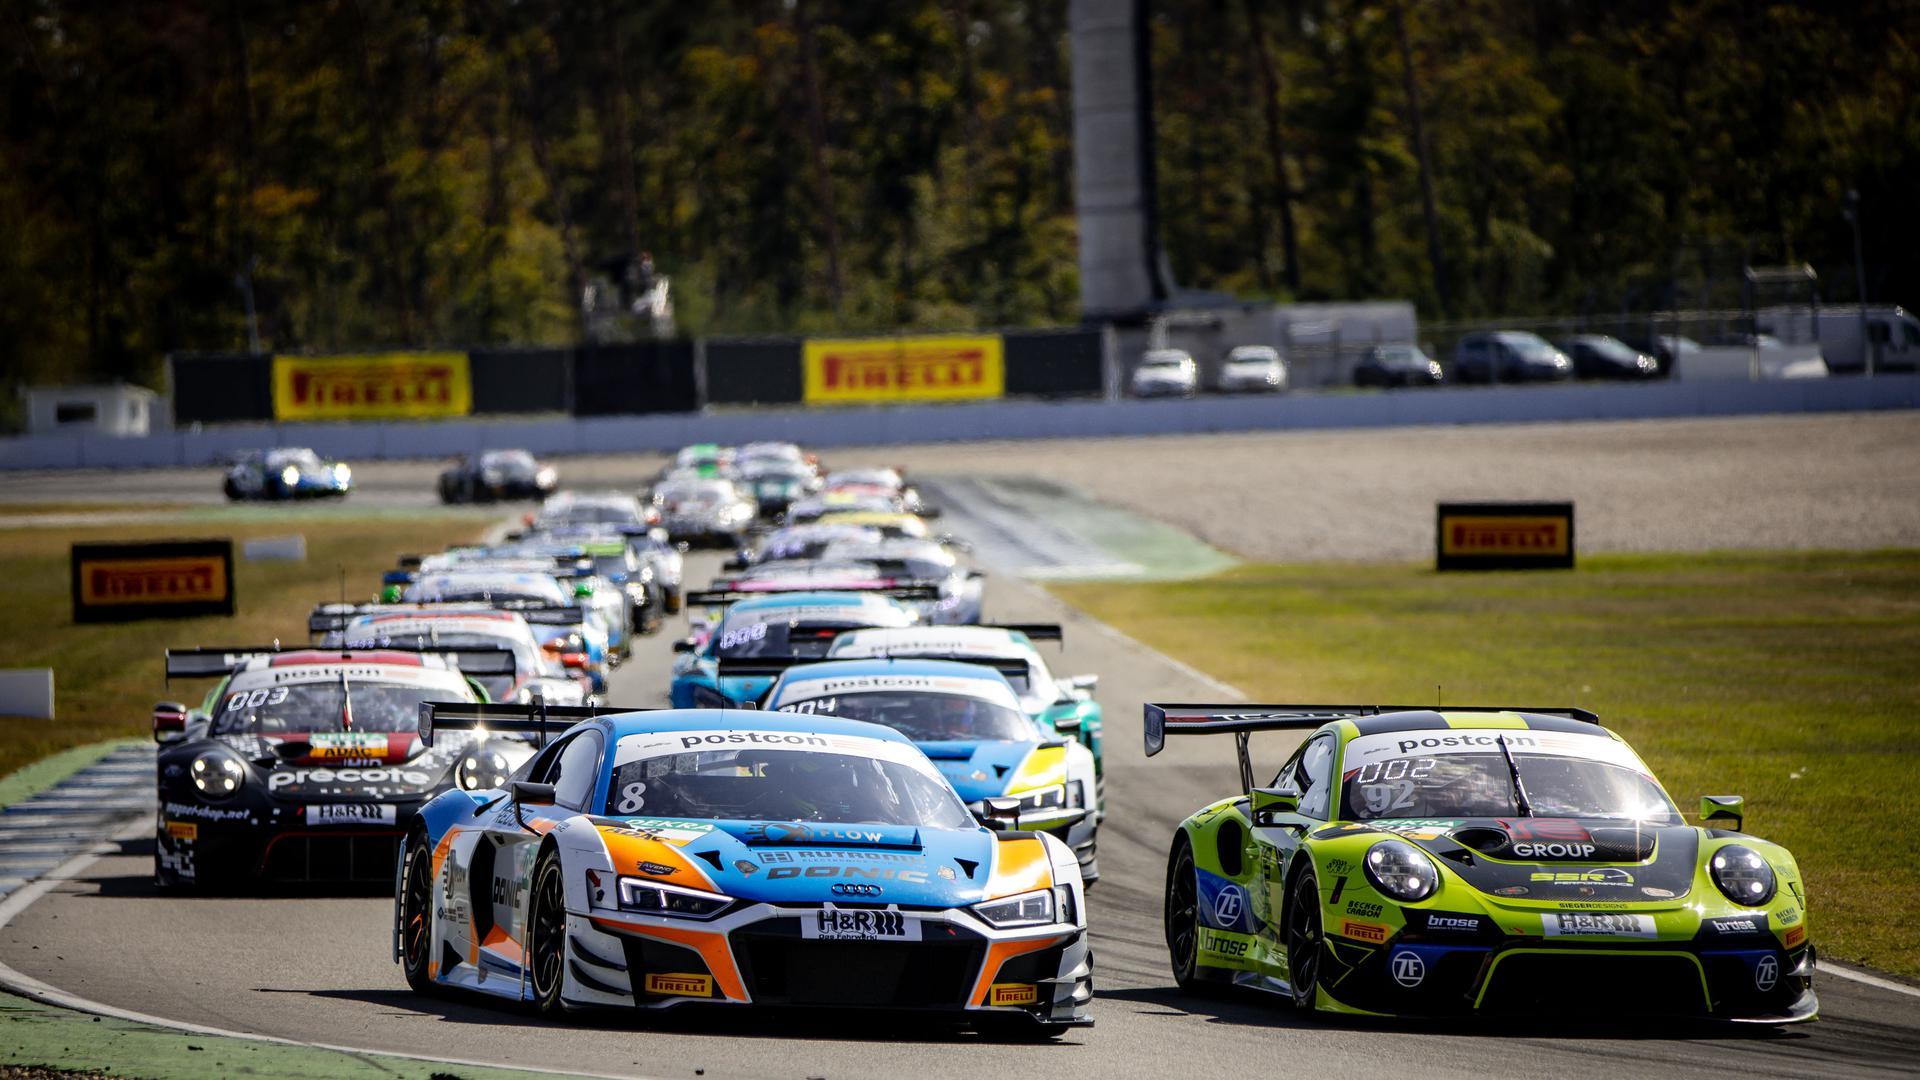 Rutronik-Fahrer Dennis Marschall konnte in seinem Audi in der ersten Rennhälfte auf dem Hockenheimring lange seine Führung behaupten.